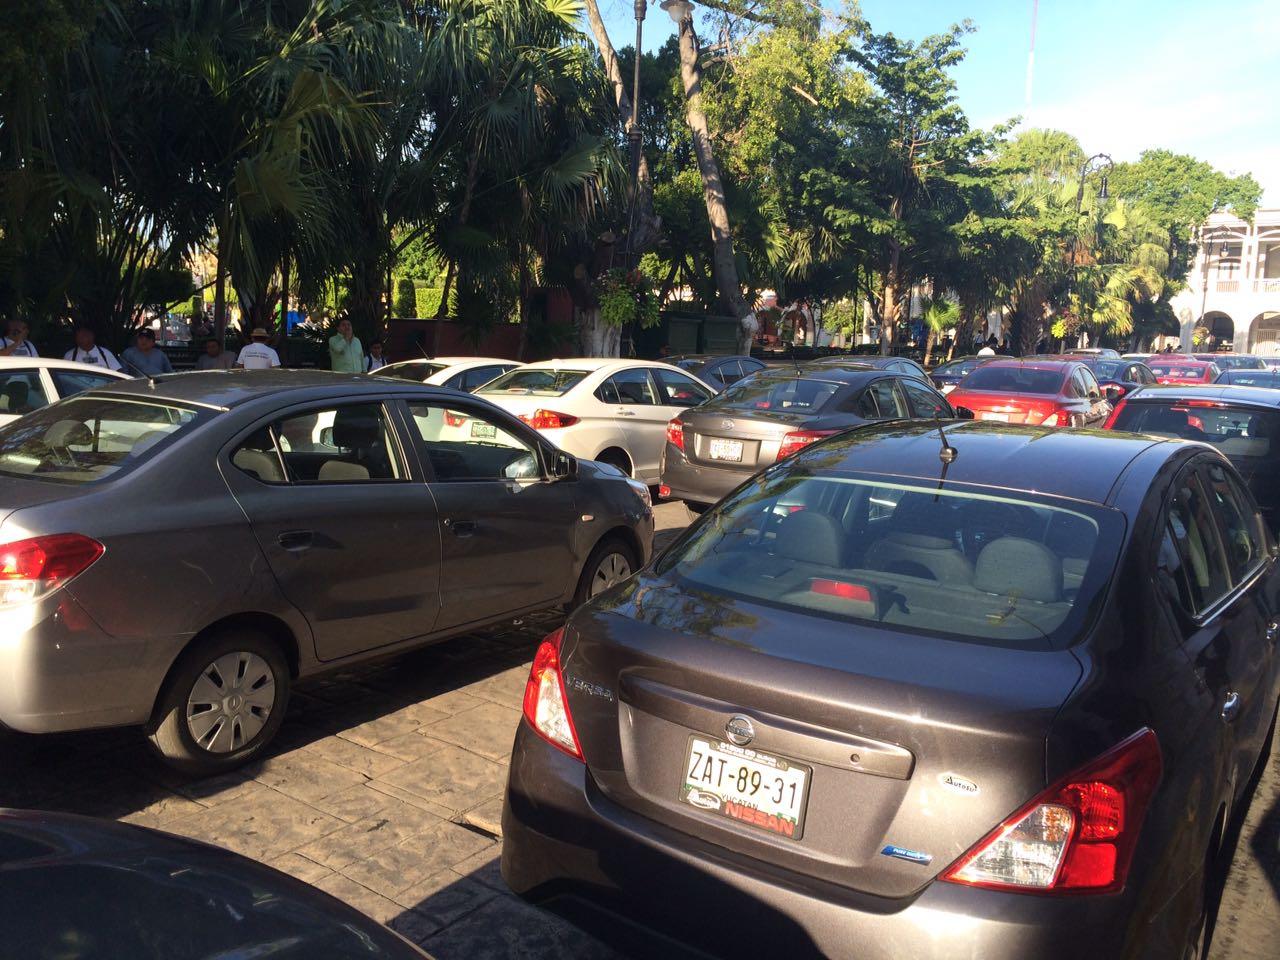 Choferes de Uber en Mérida protestan tras golpiza a compañero